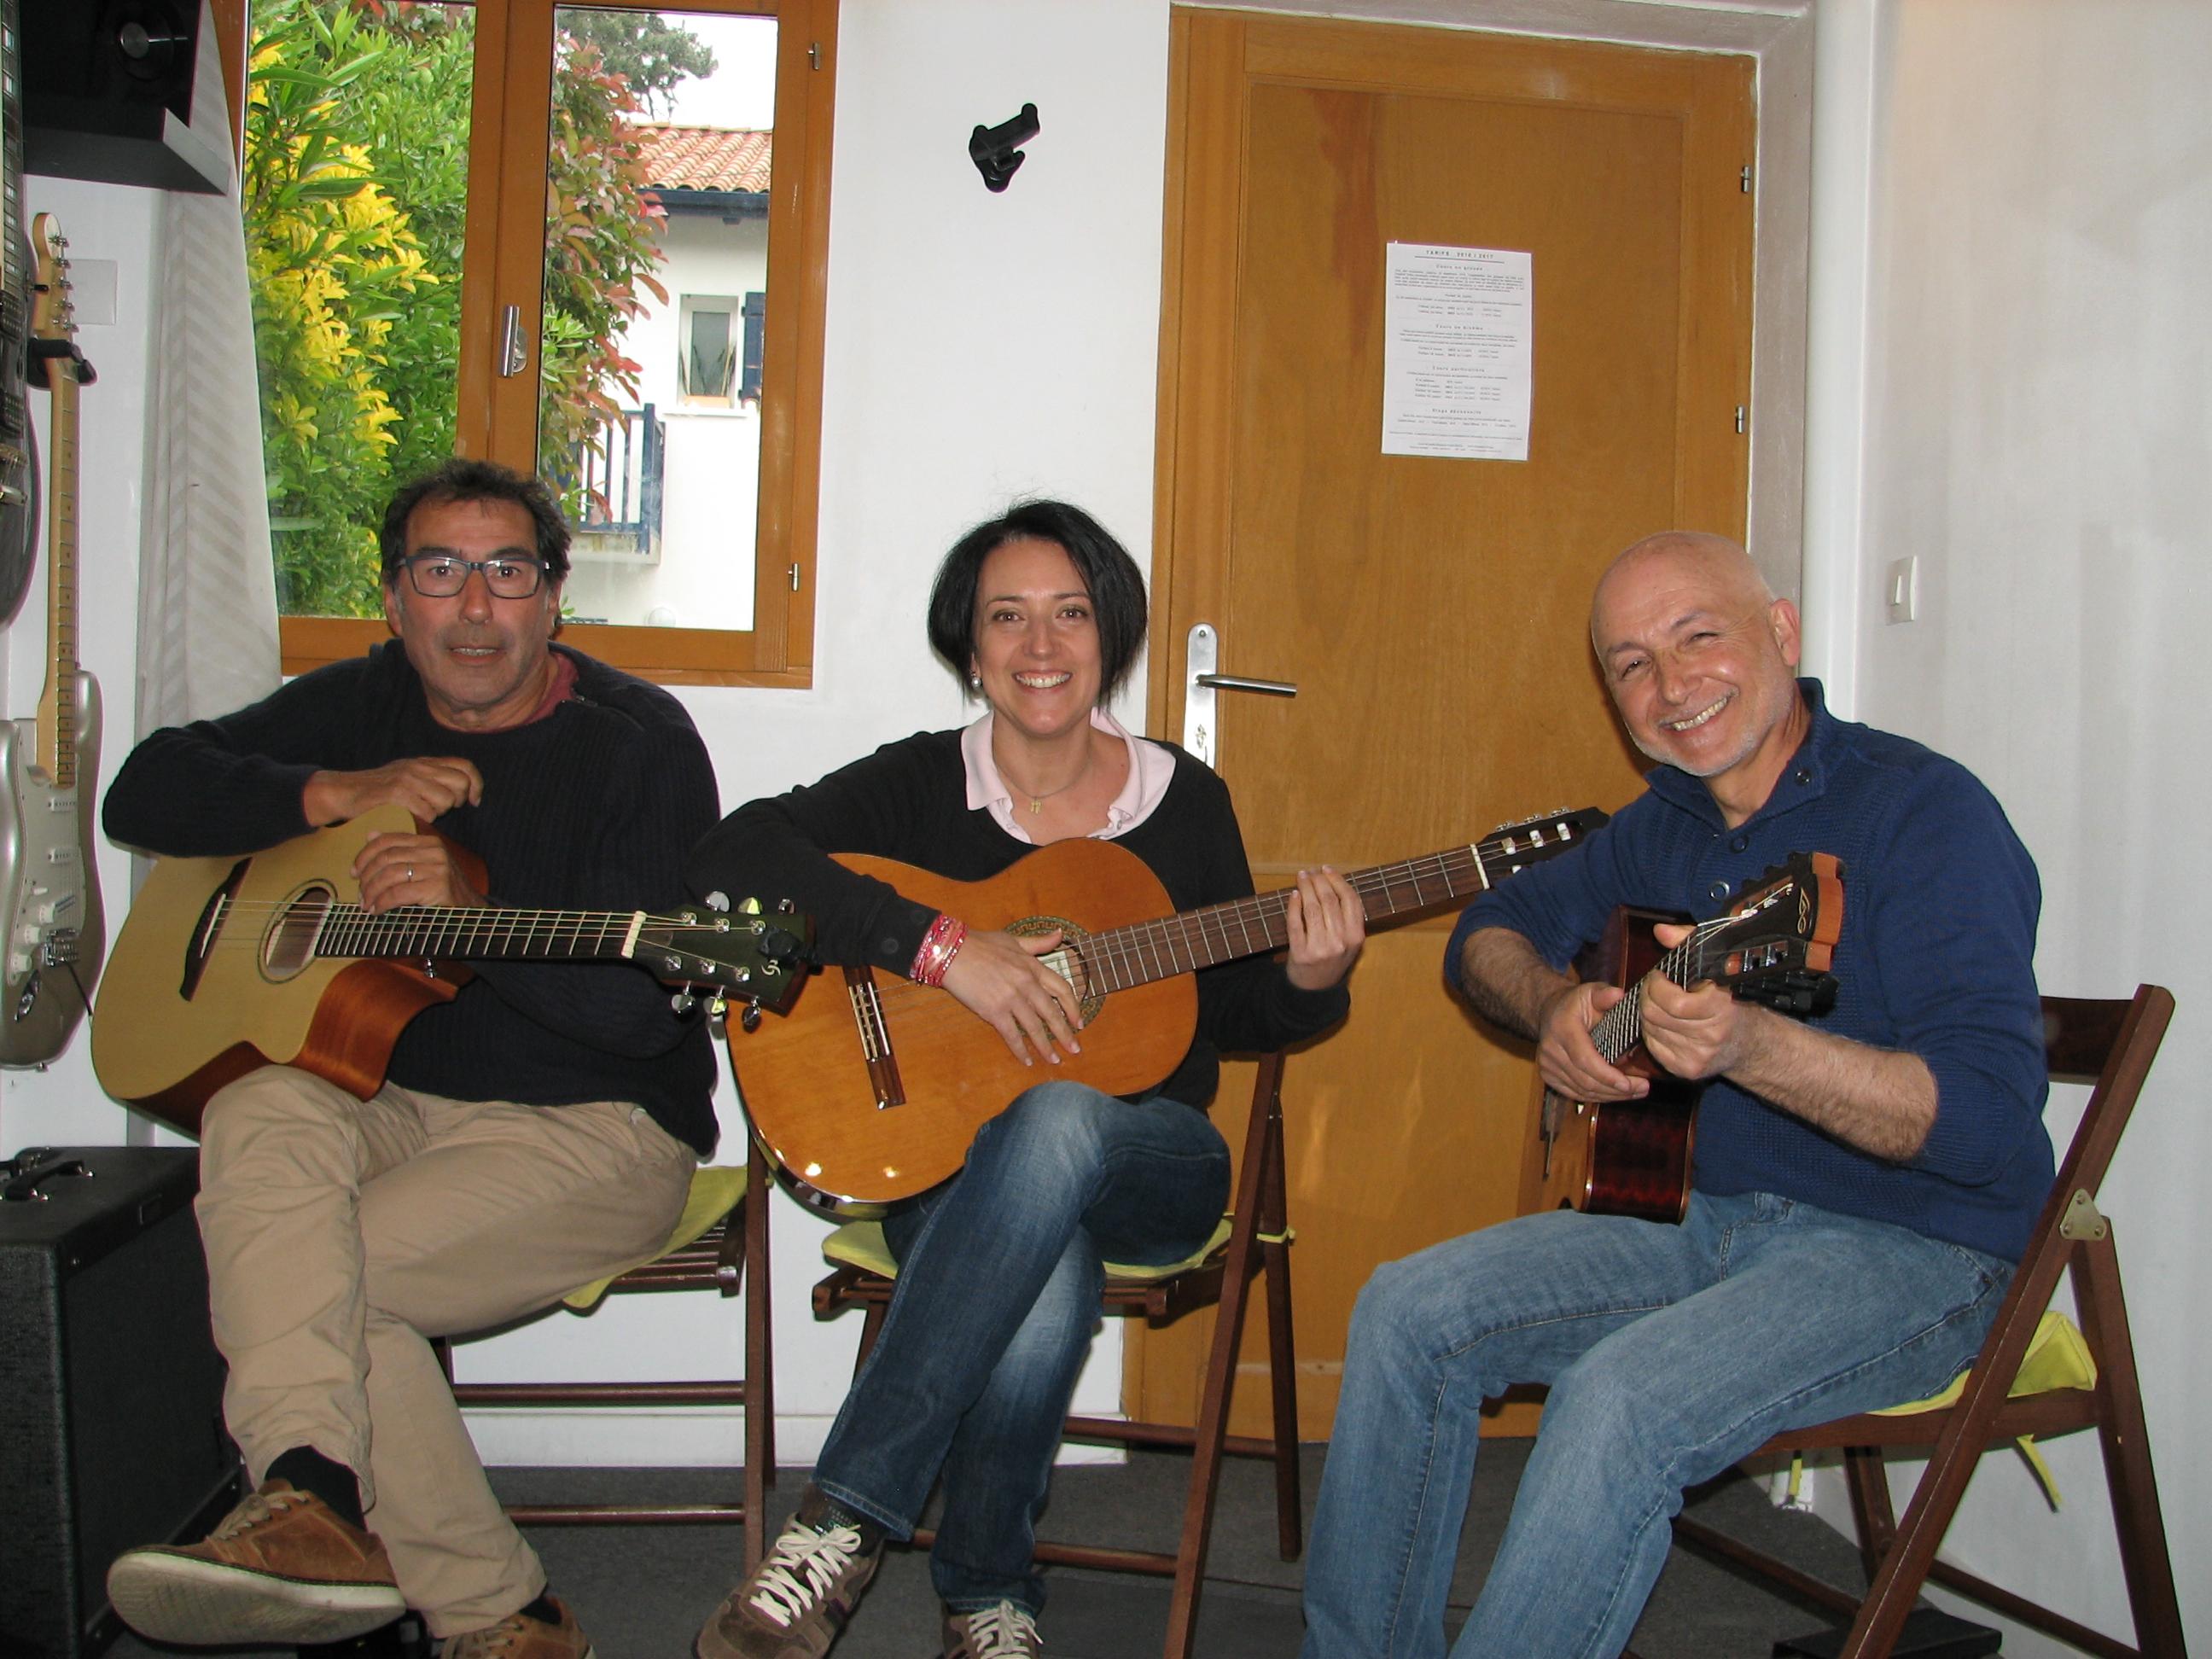 Aadel, Stéphanie et Albi